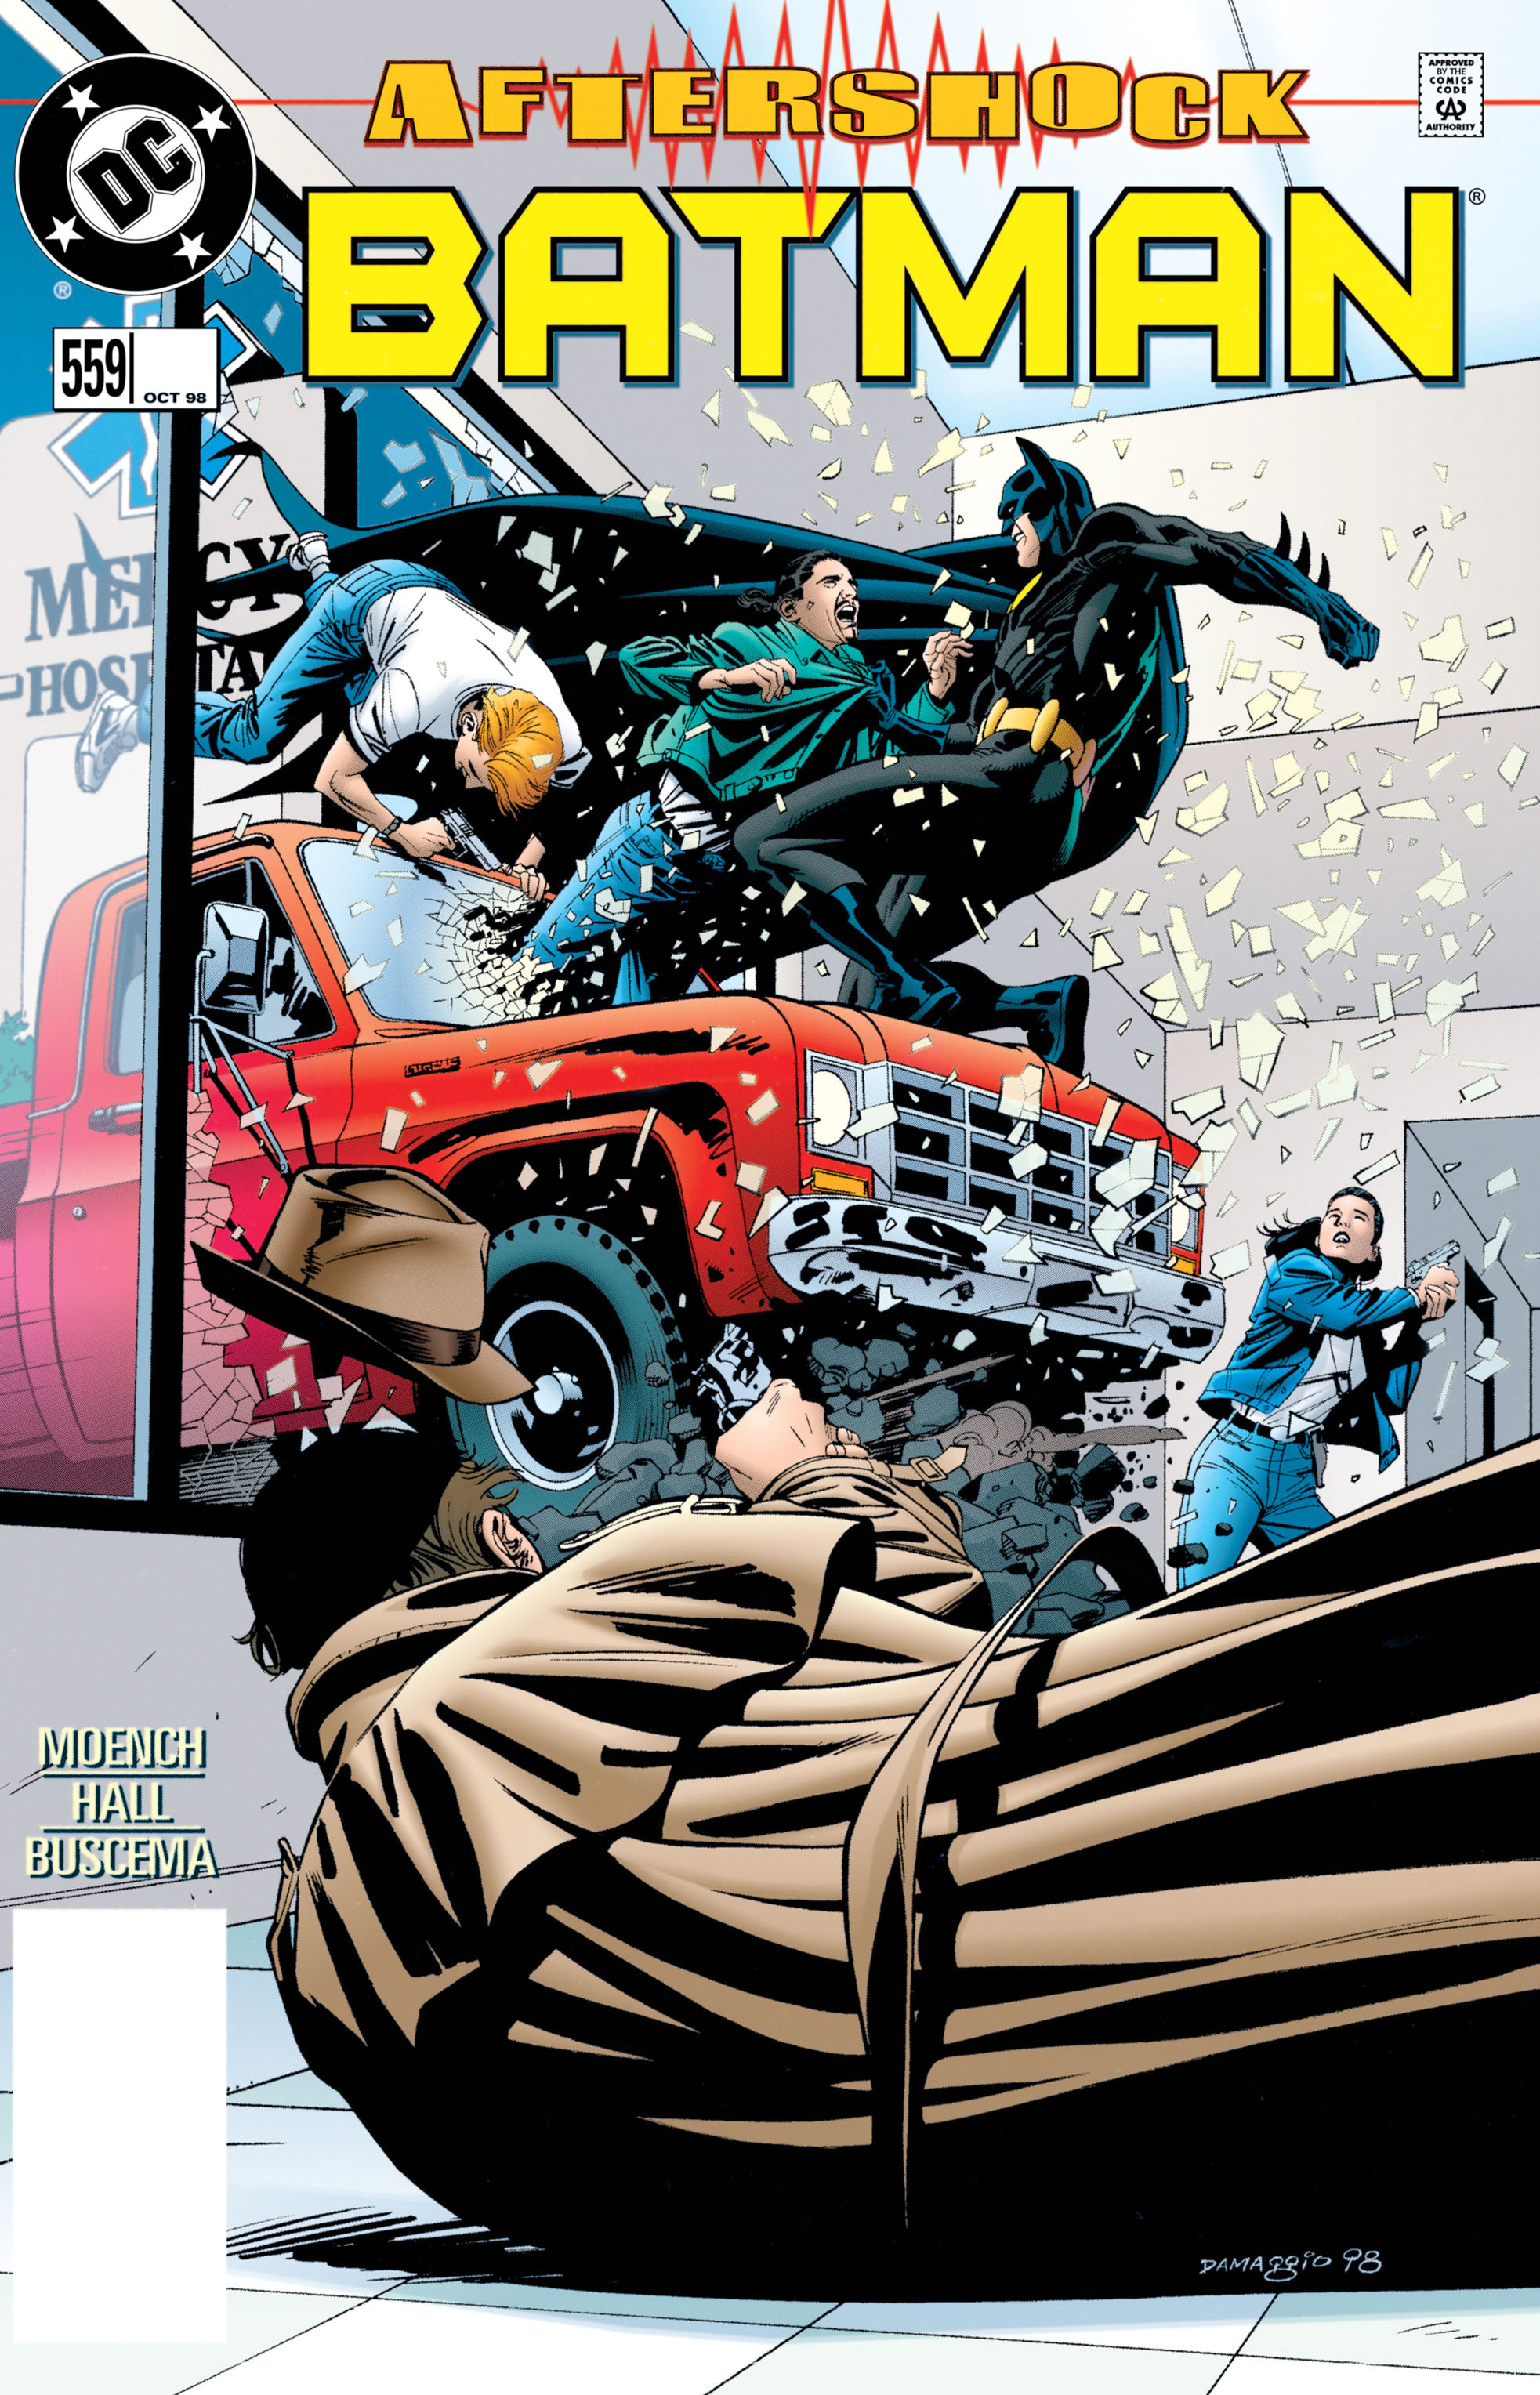 Batman (1940) 559 Page 1